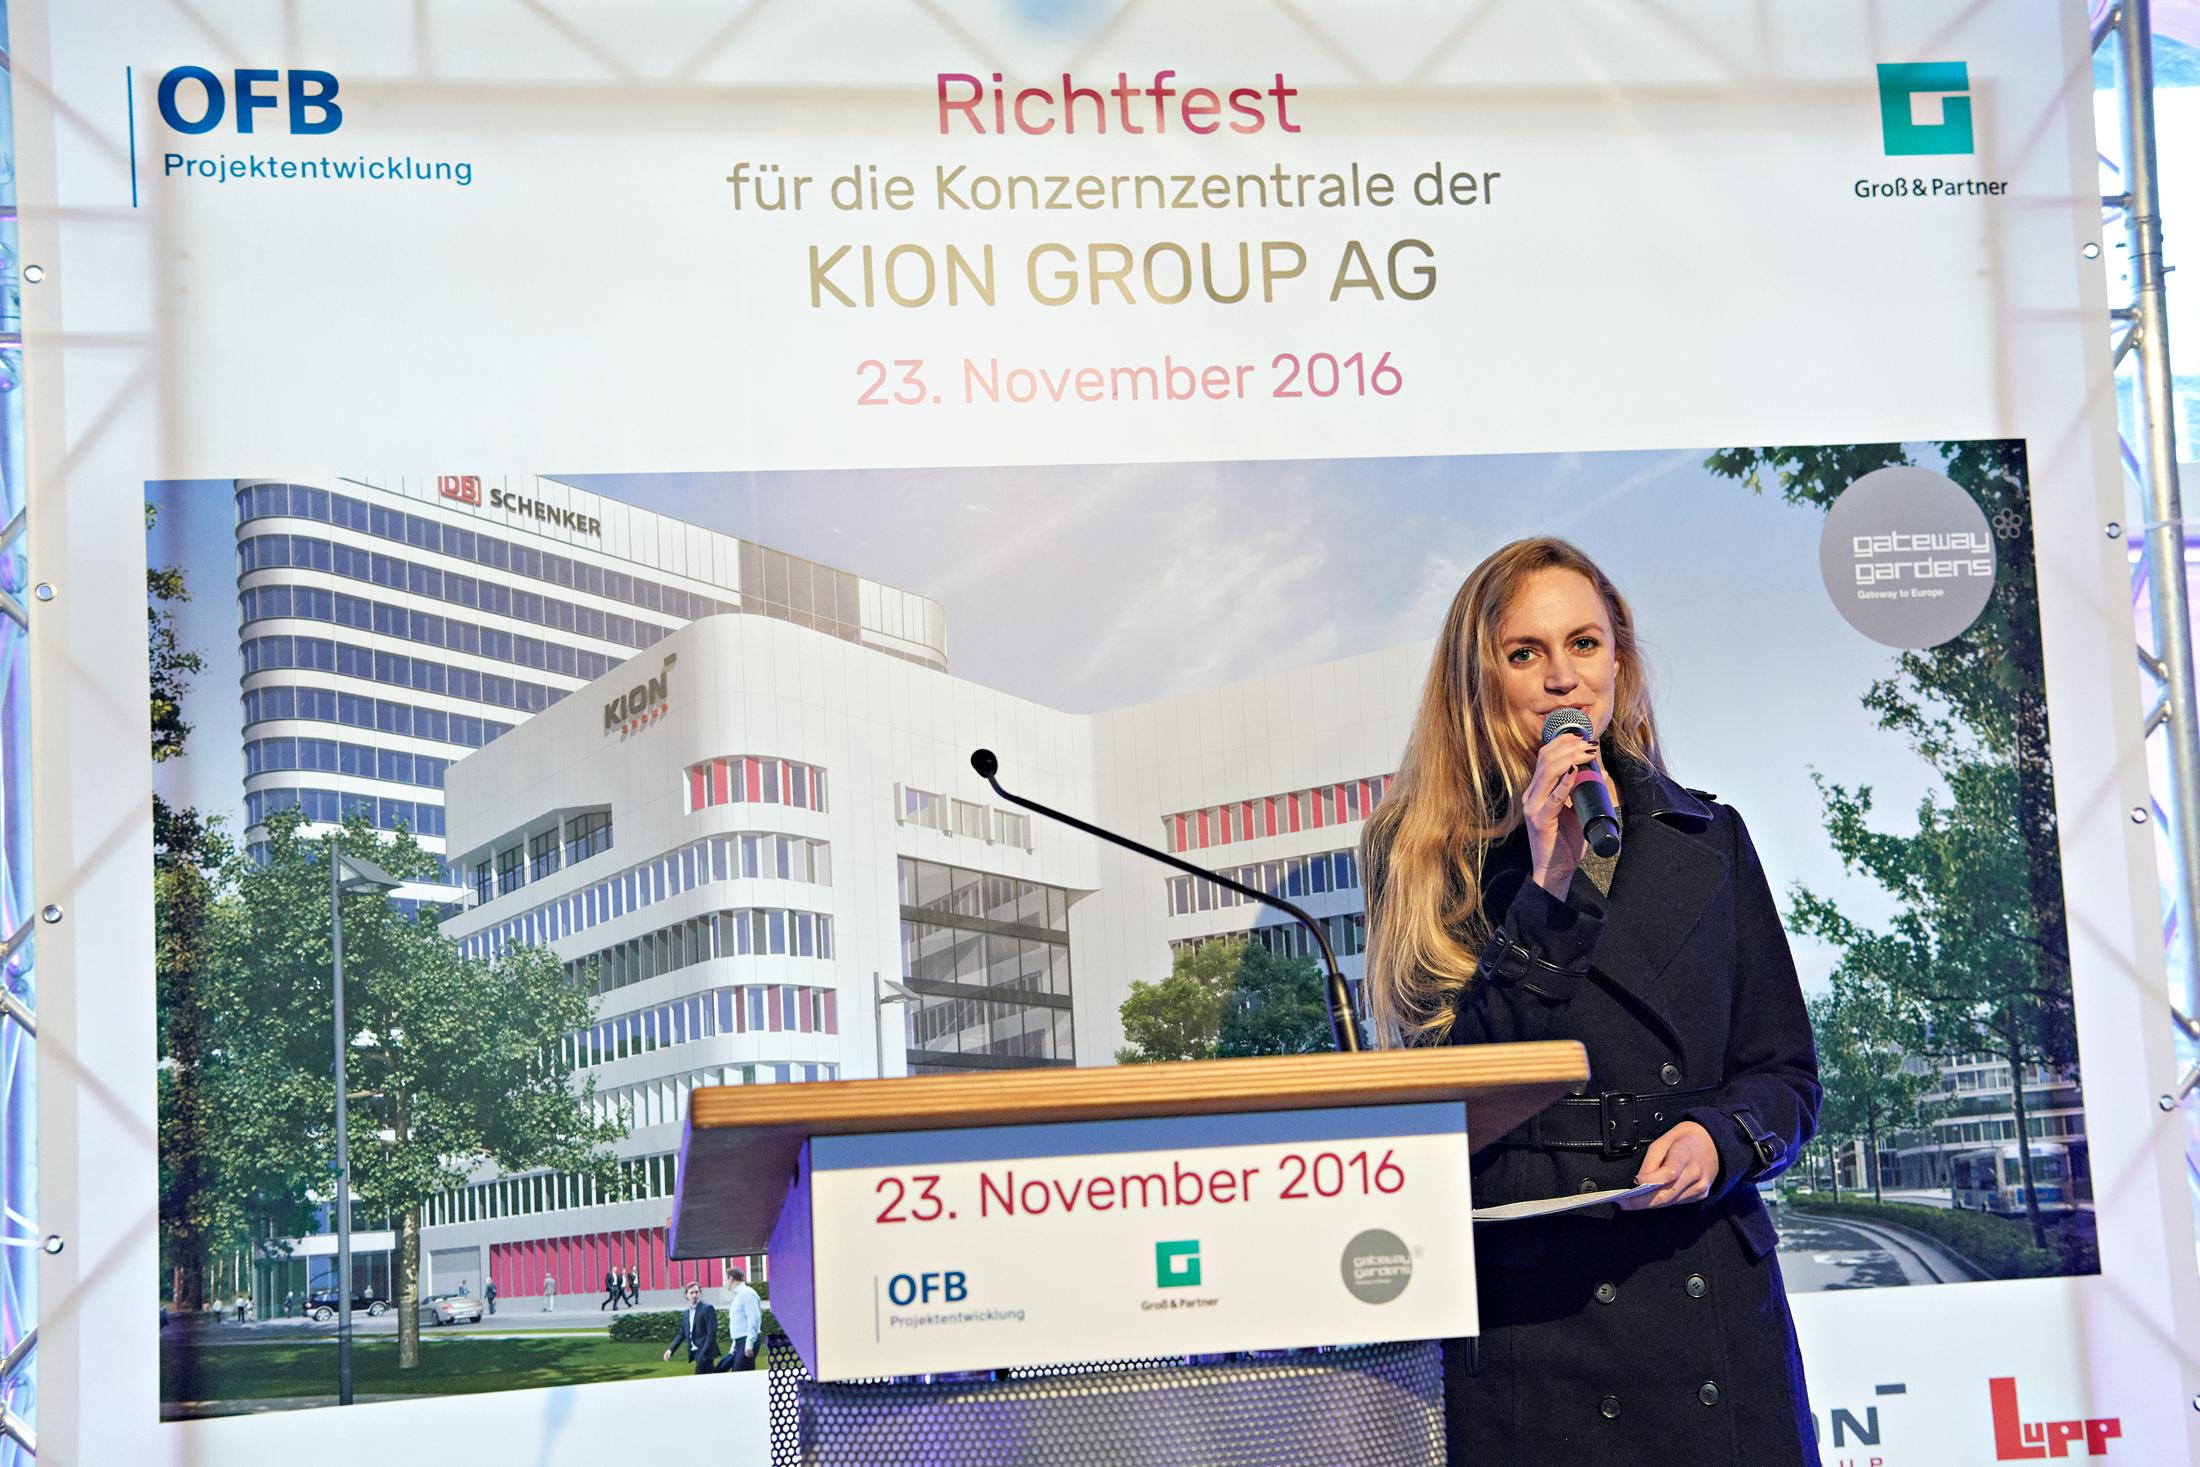 Für die KION Group AG moderierte Janina Treis das Richtfest des neuen Gebäudes im Frankfurter Stadtteil Gateway Gardens, direkt am Flughafen.